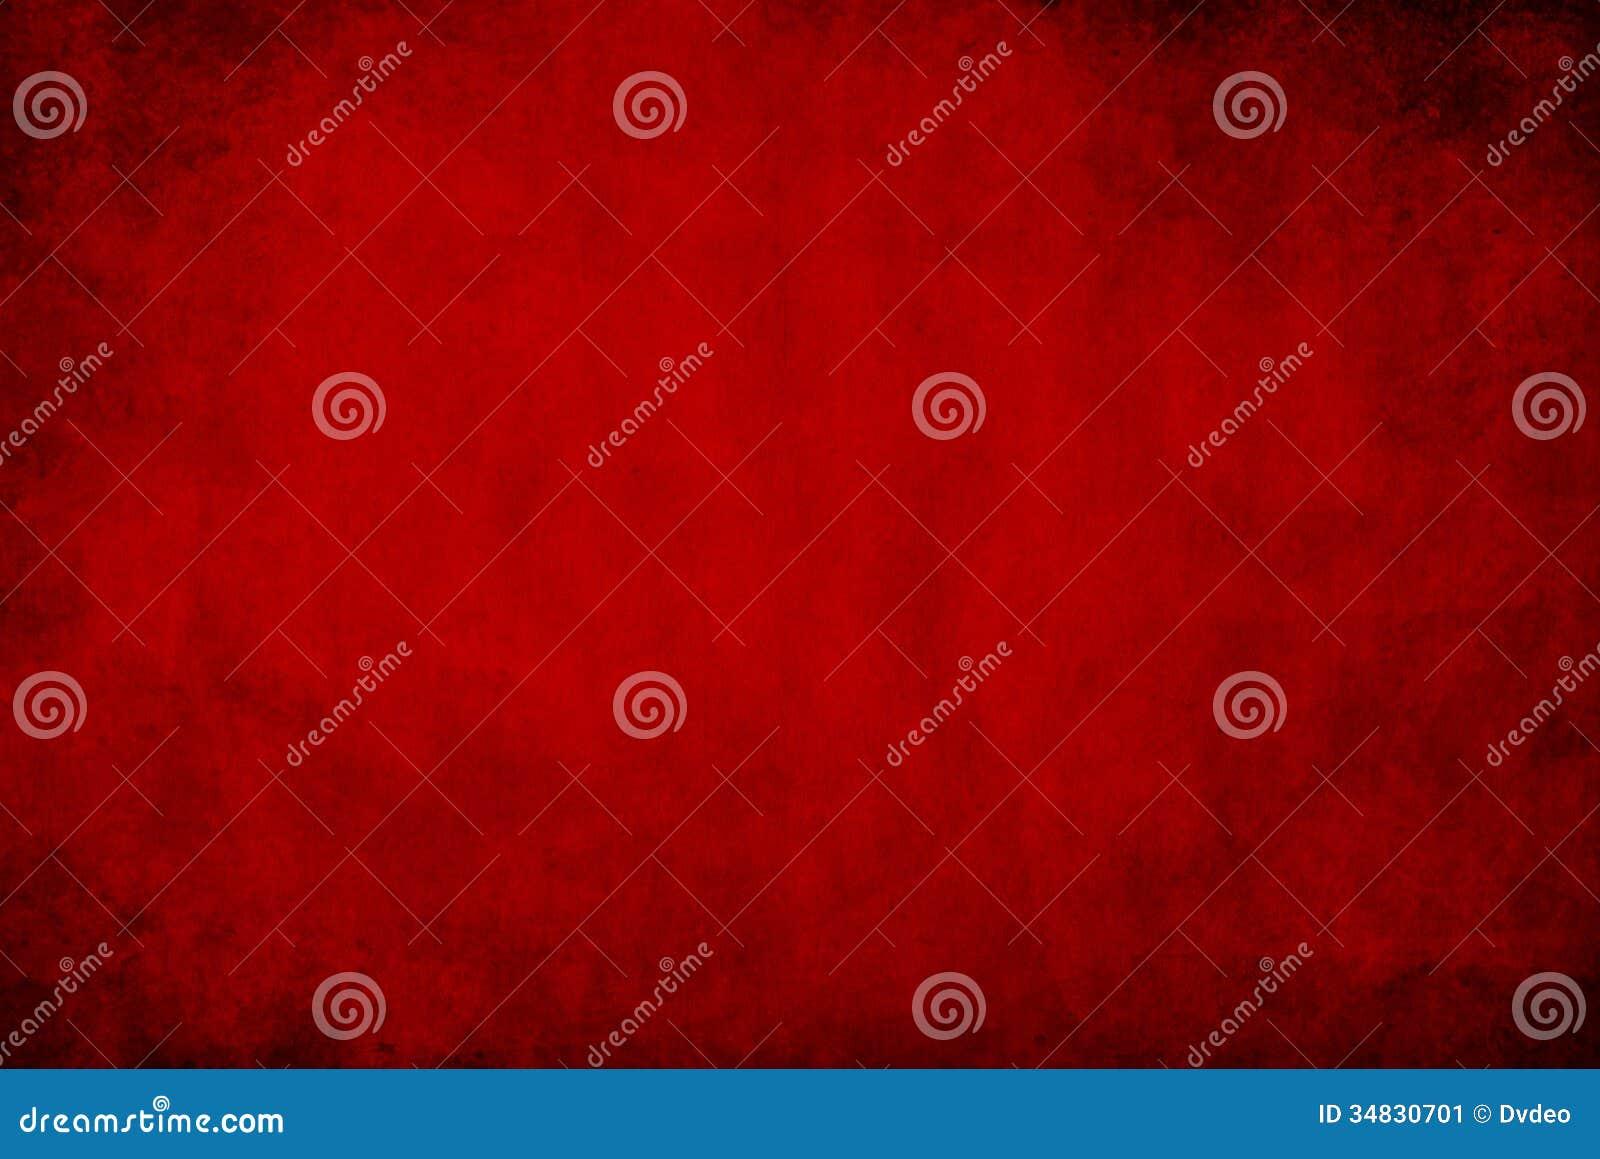 Σκούρο κόκκινο υπόβαθρο grunge